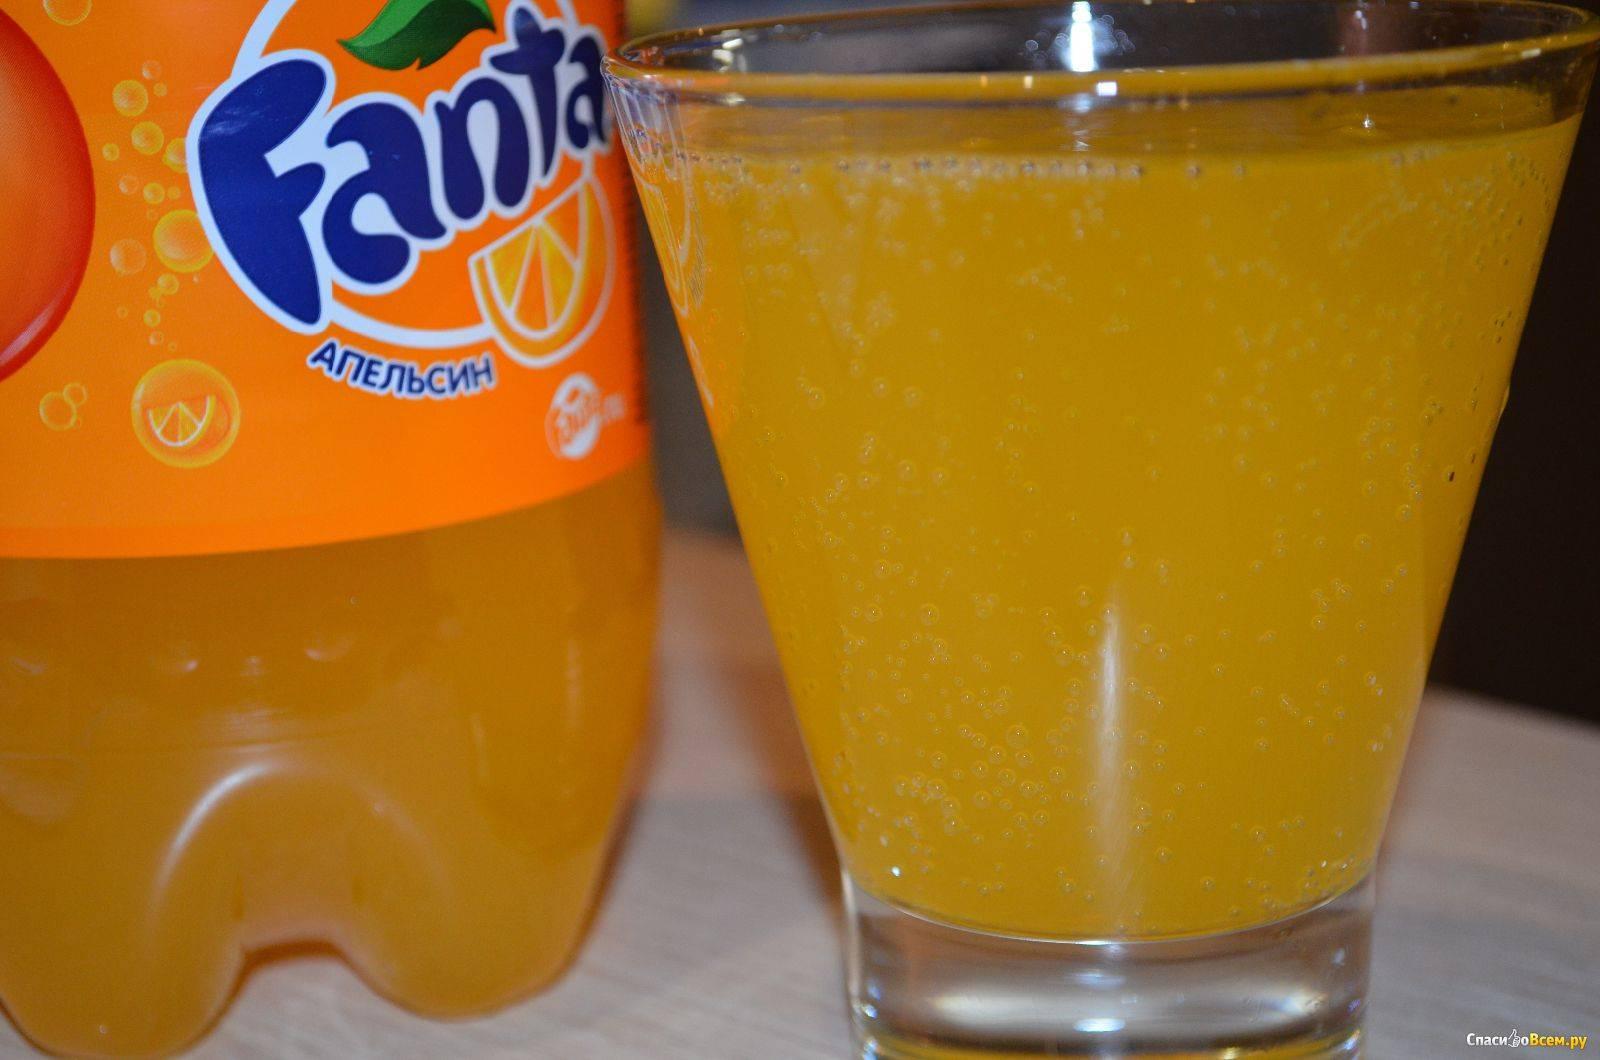 Рецепты приготовления домашнего лимонада из апельсинов